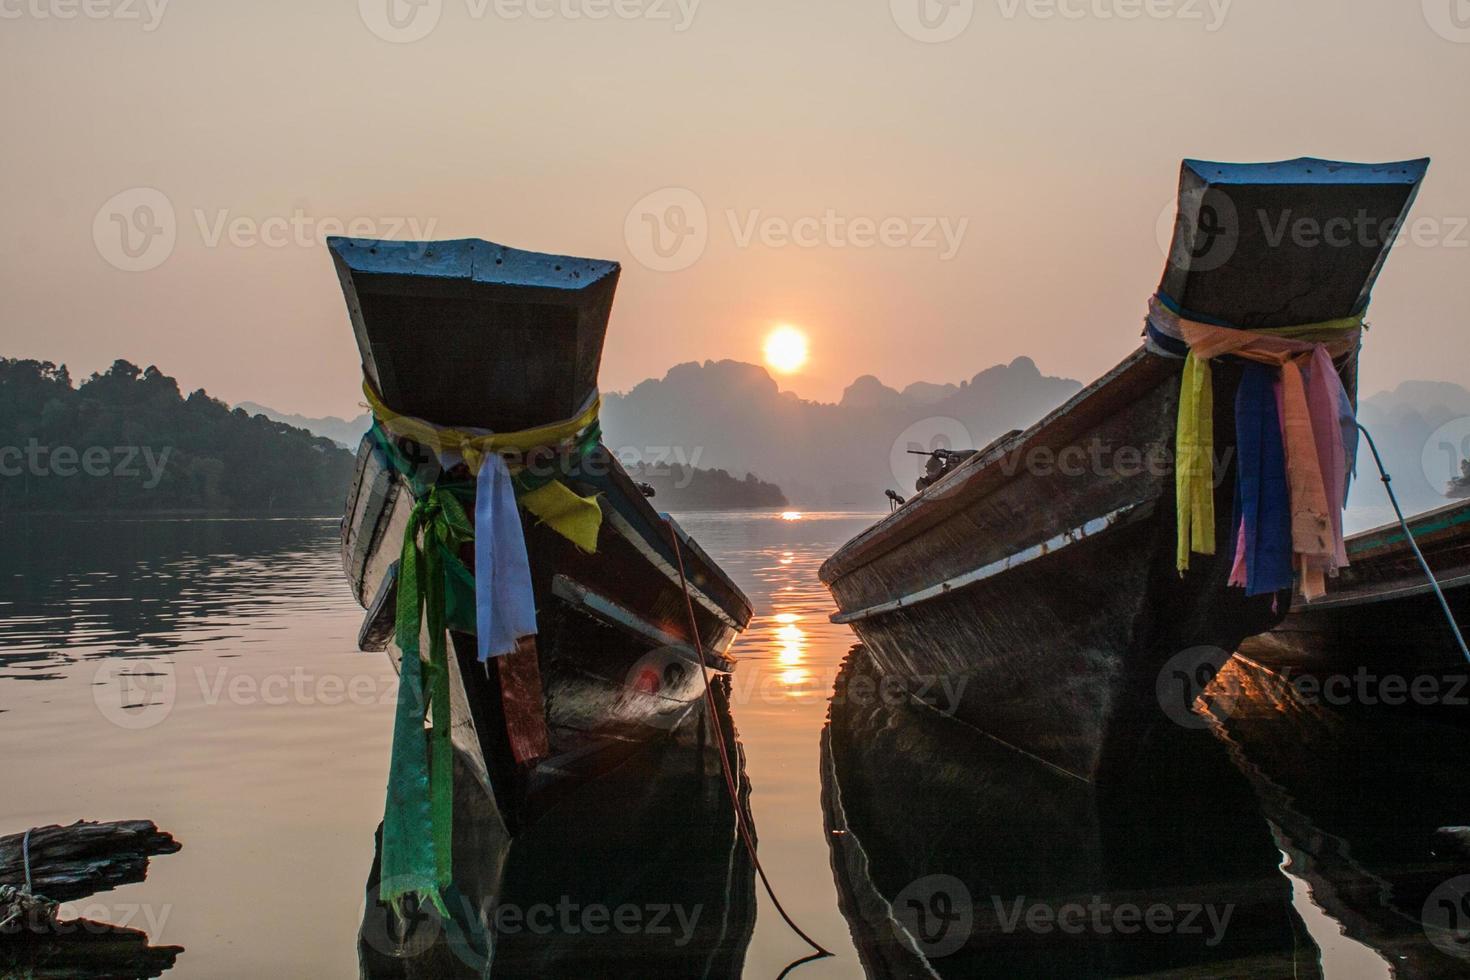 le barche all'alba foto